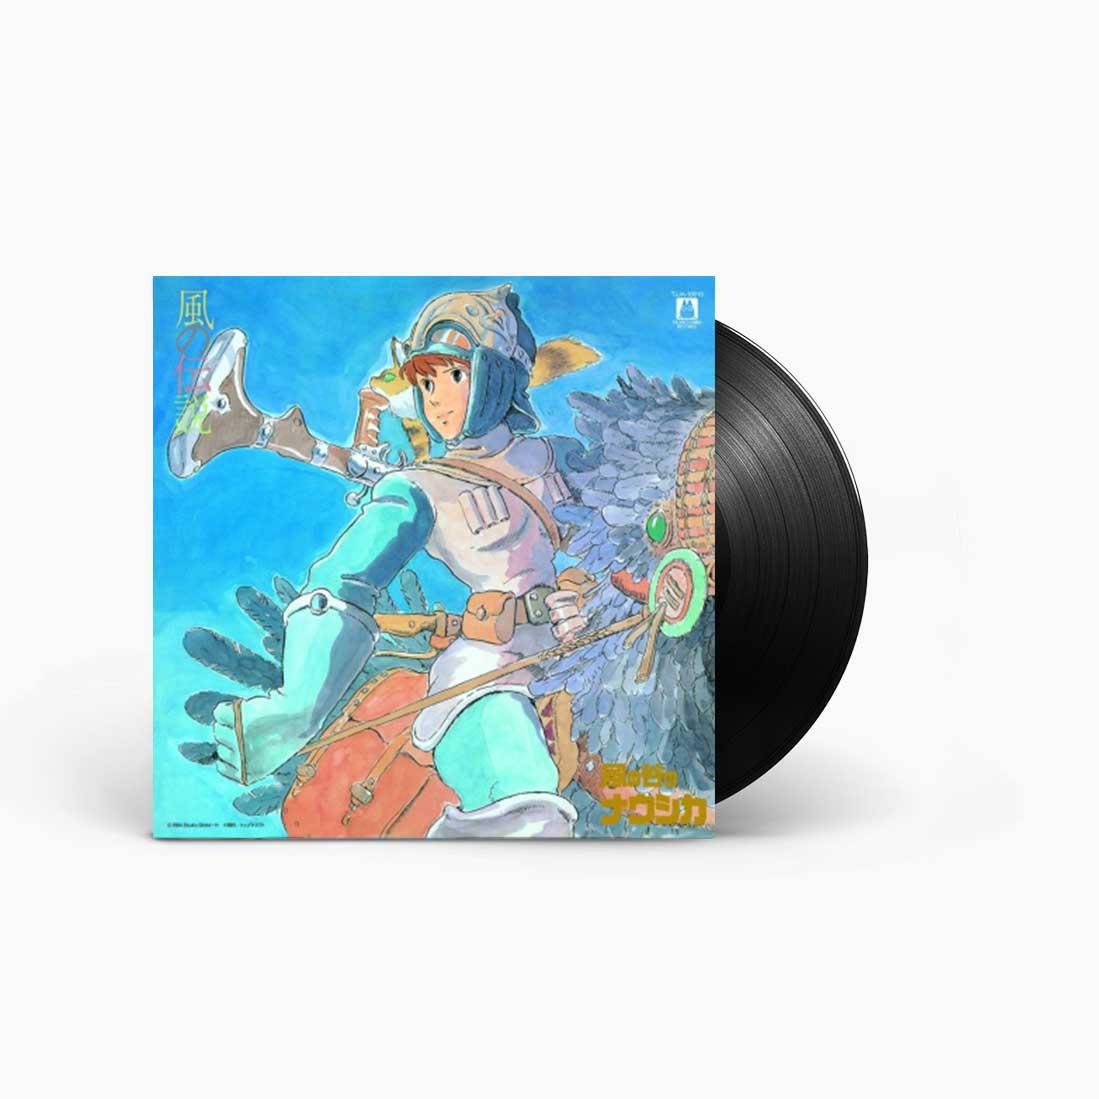 unun-Joe-Hisaish-vinyl-cover_t-7.jpg